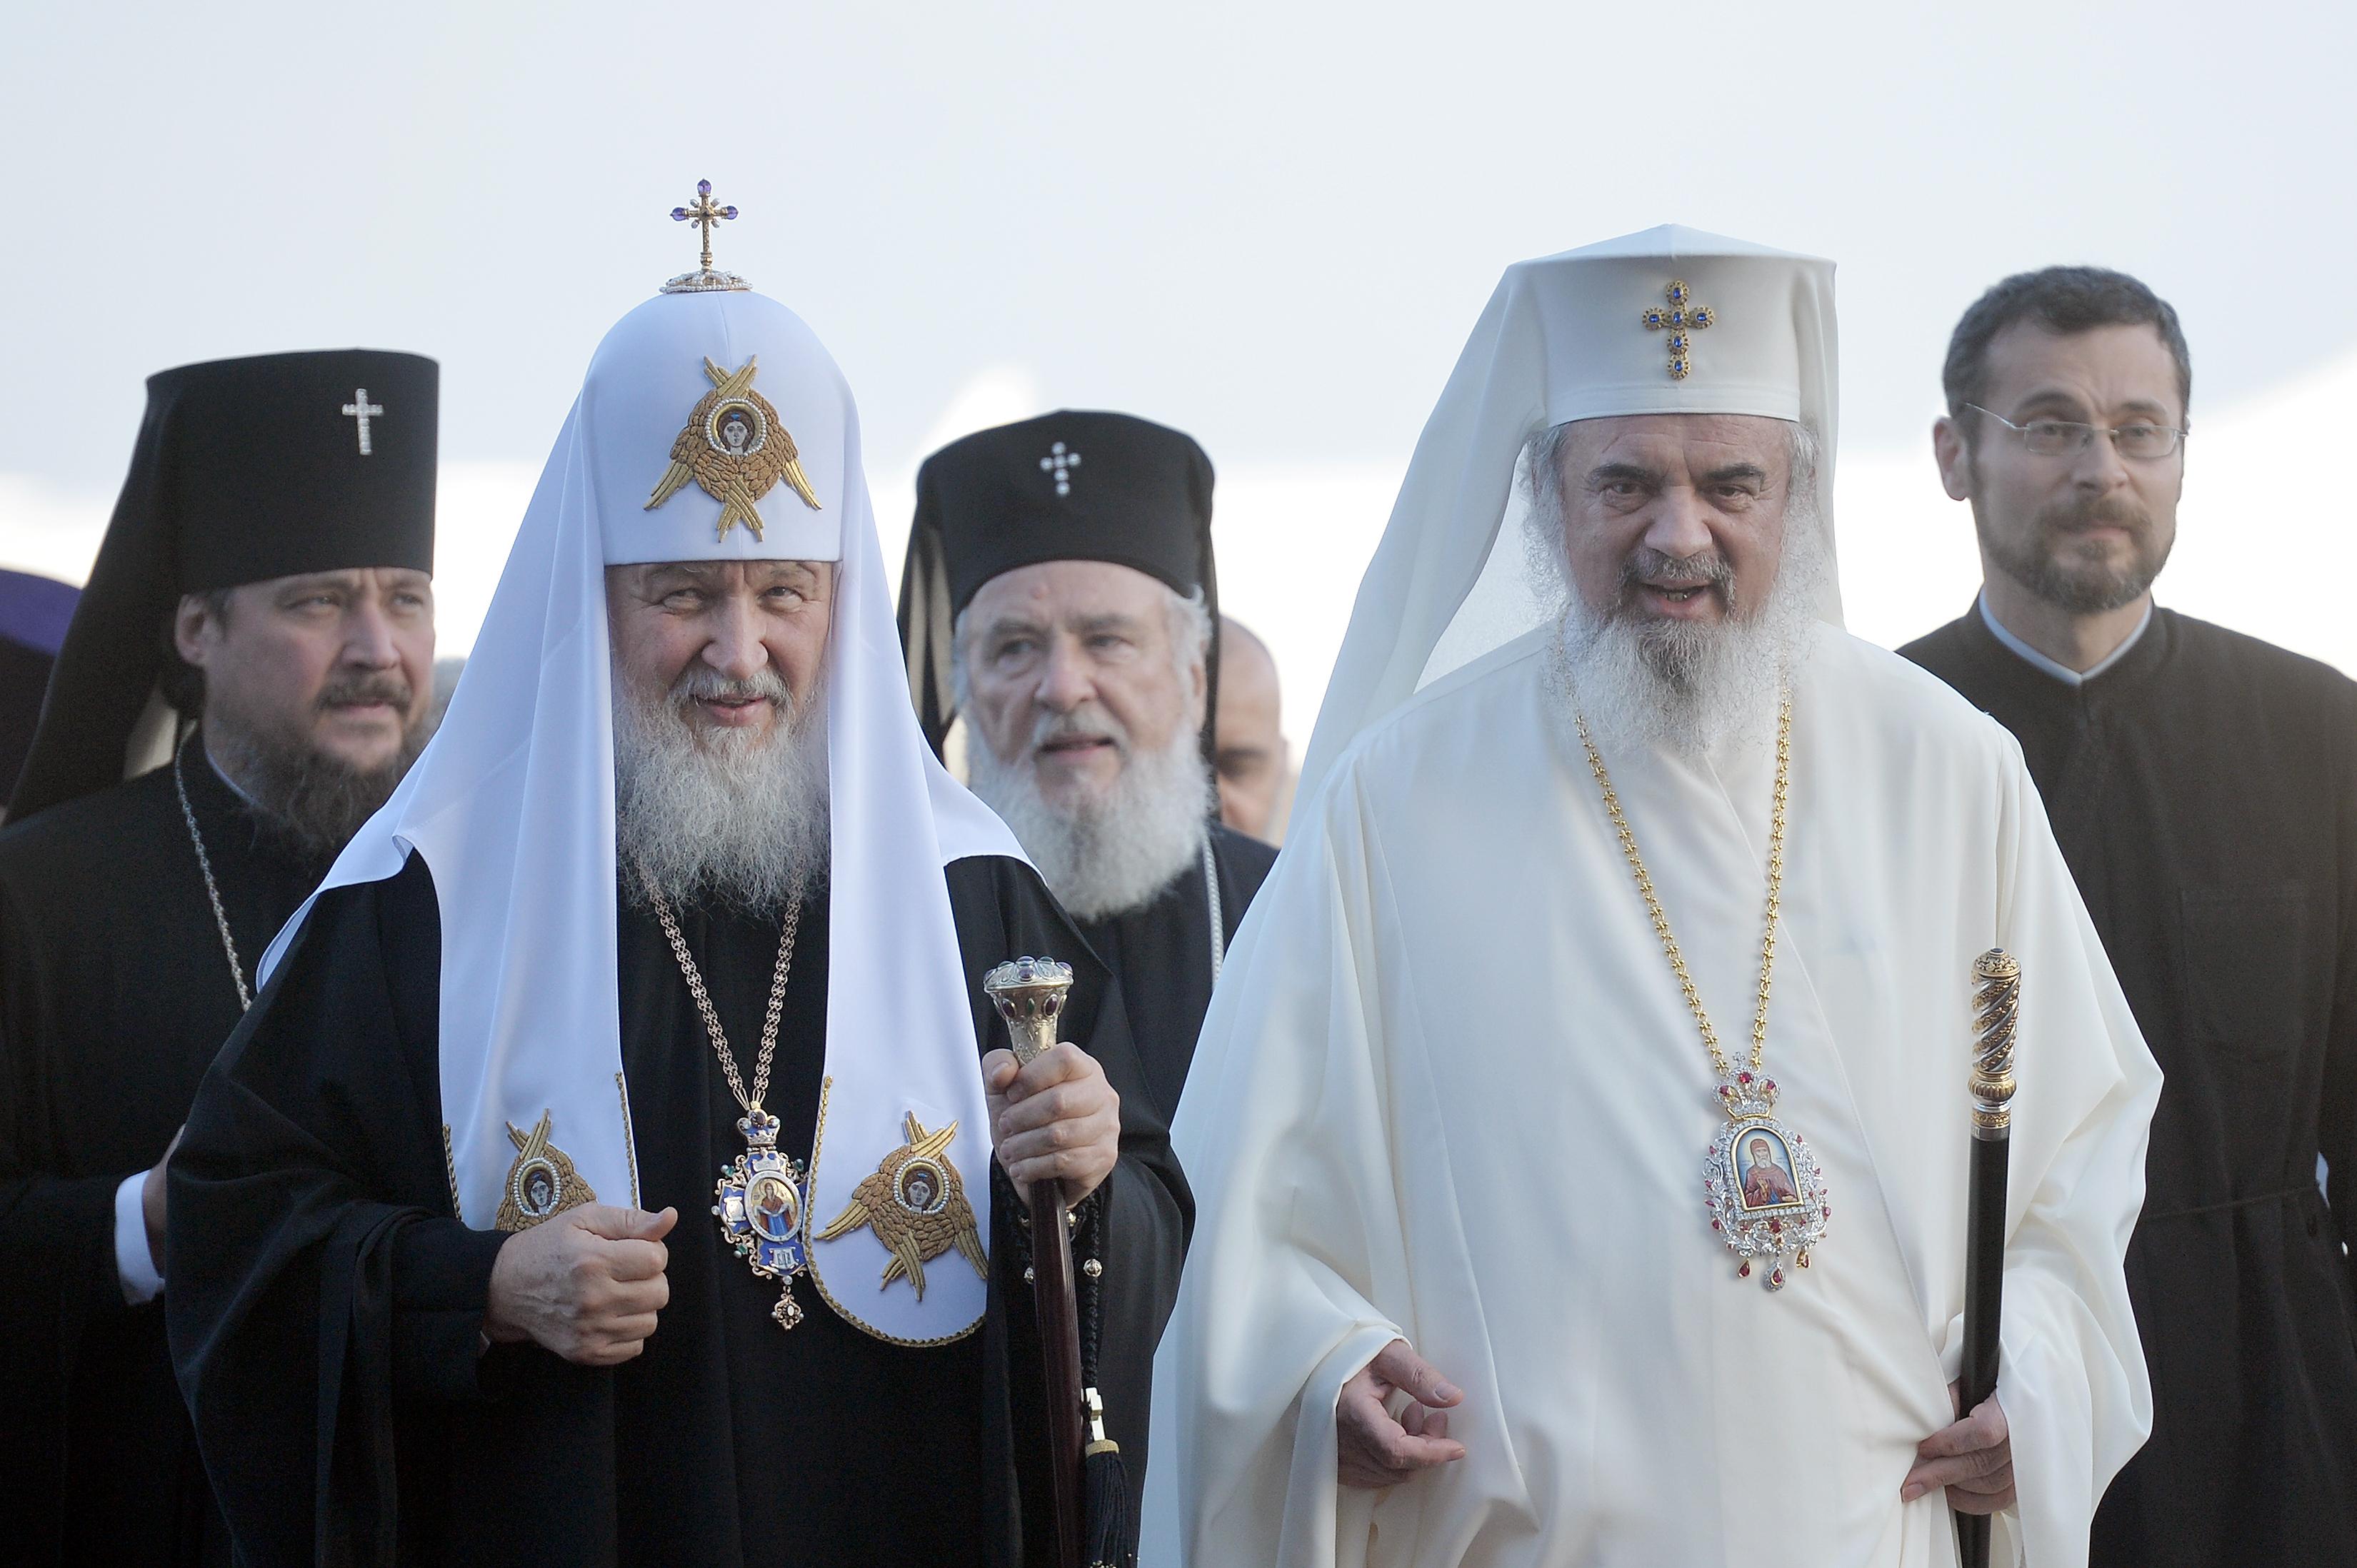 Sfântul Dimitrie cel Nou: Patriarhul Kiril al Rusiei şi Patriarhul Daniel ţin Liturghia de oficiată de sărbătoare